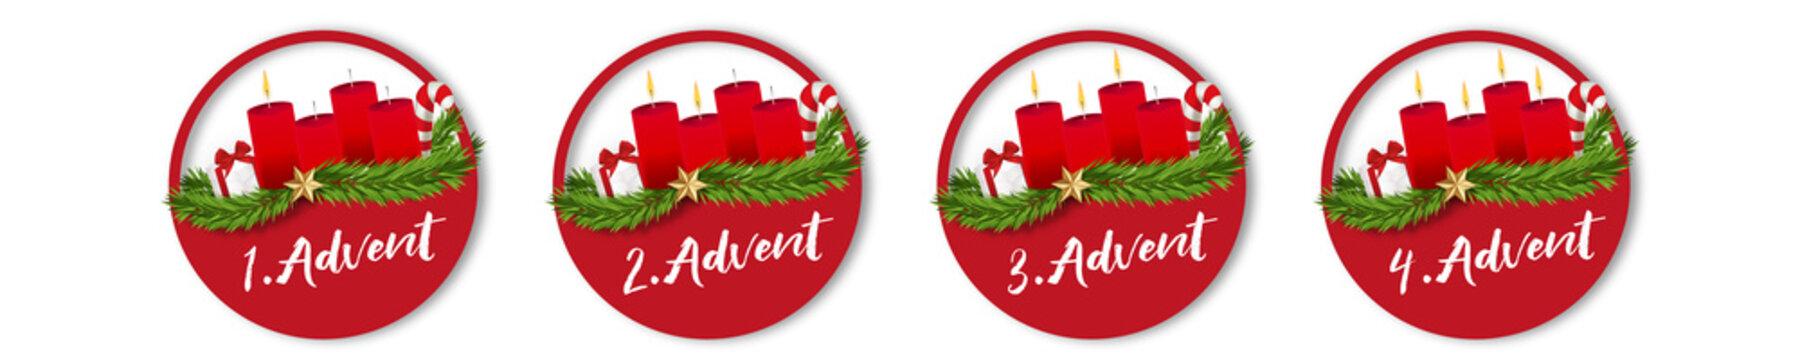 Advent Sticker Kerzen Adventskranz Buttons rot Geschenk